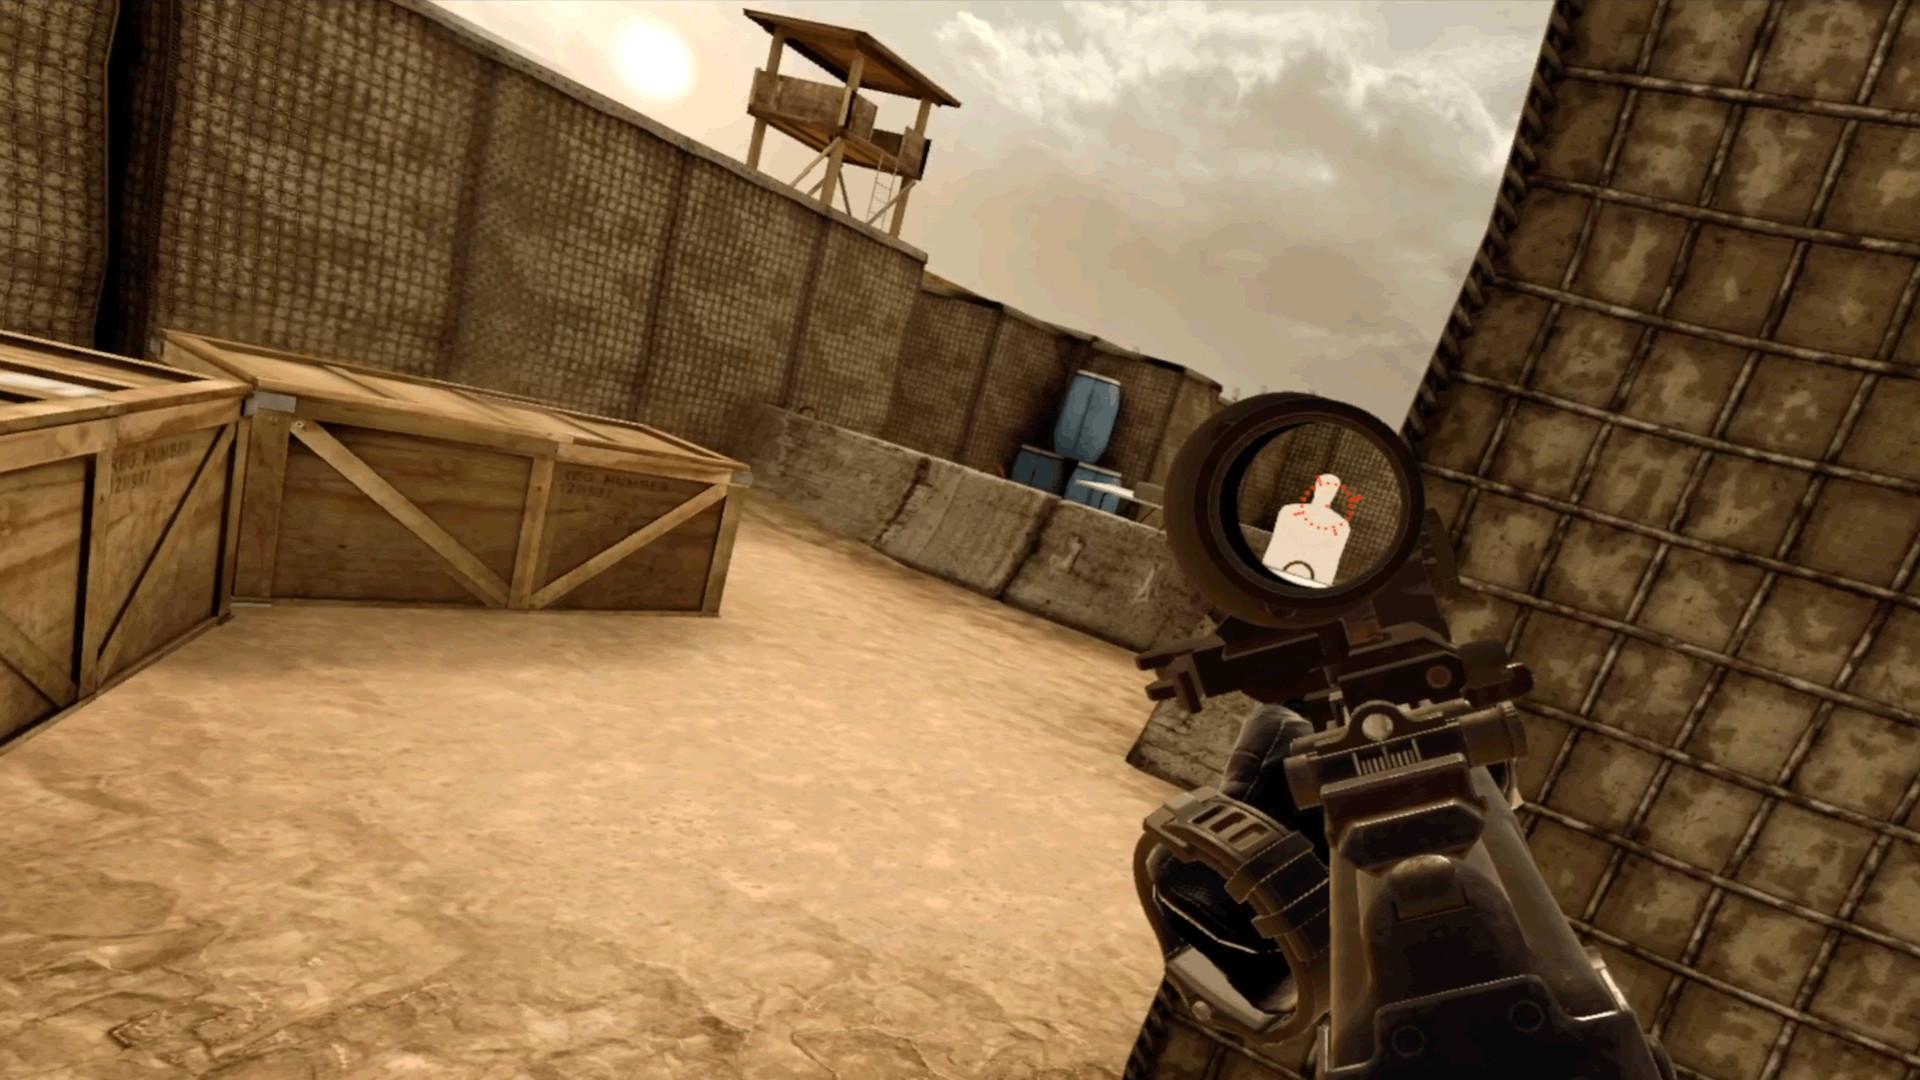 Oculus Quest 游戏《Onward》前进插图(1)